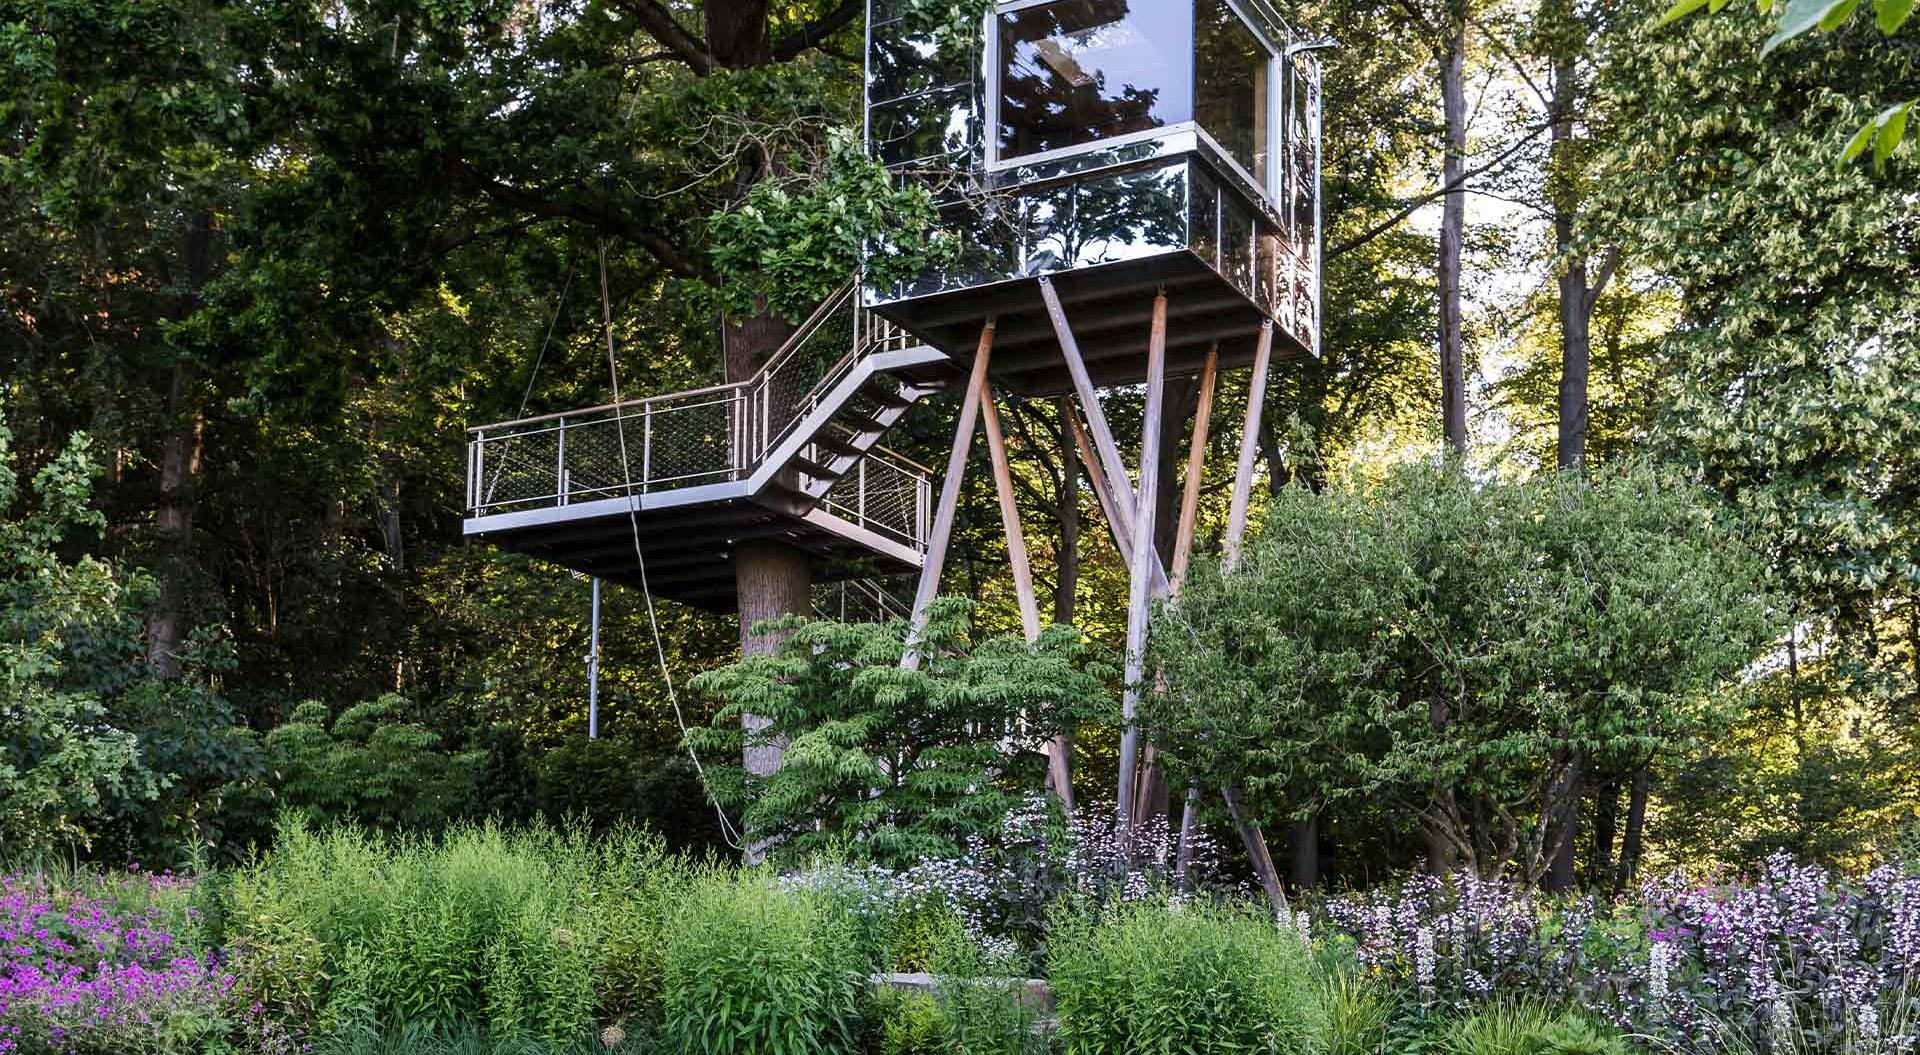 Modernes gläsernes Baumhaus zwischen Bäumen, Blumen und Sträuchern